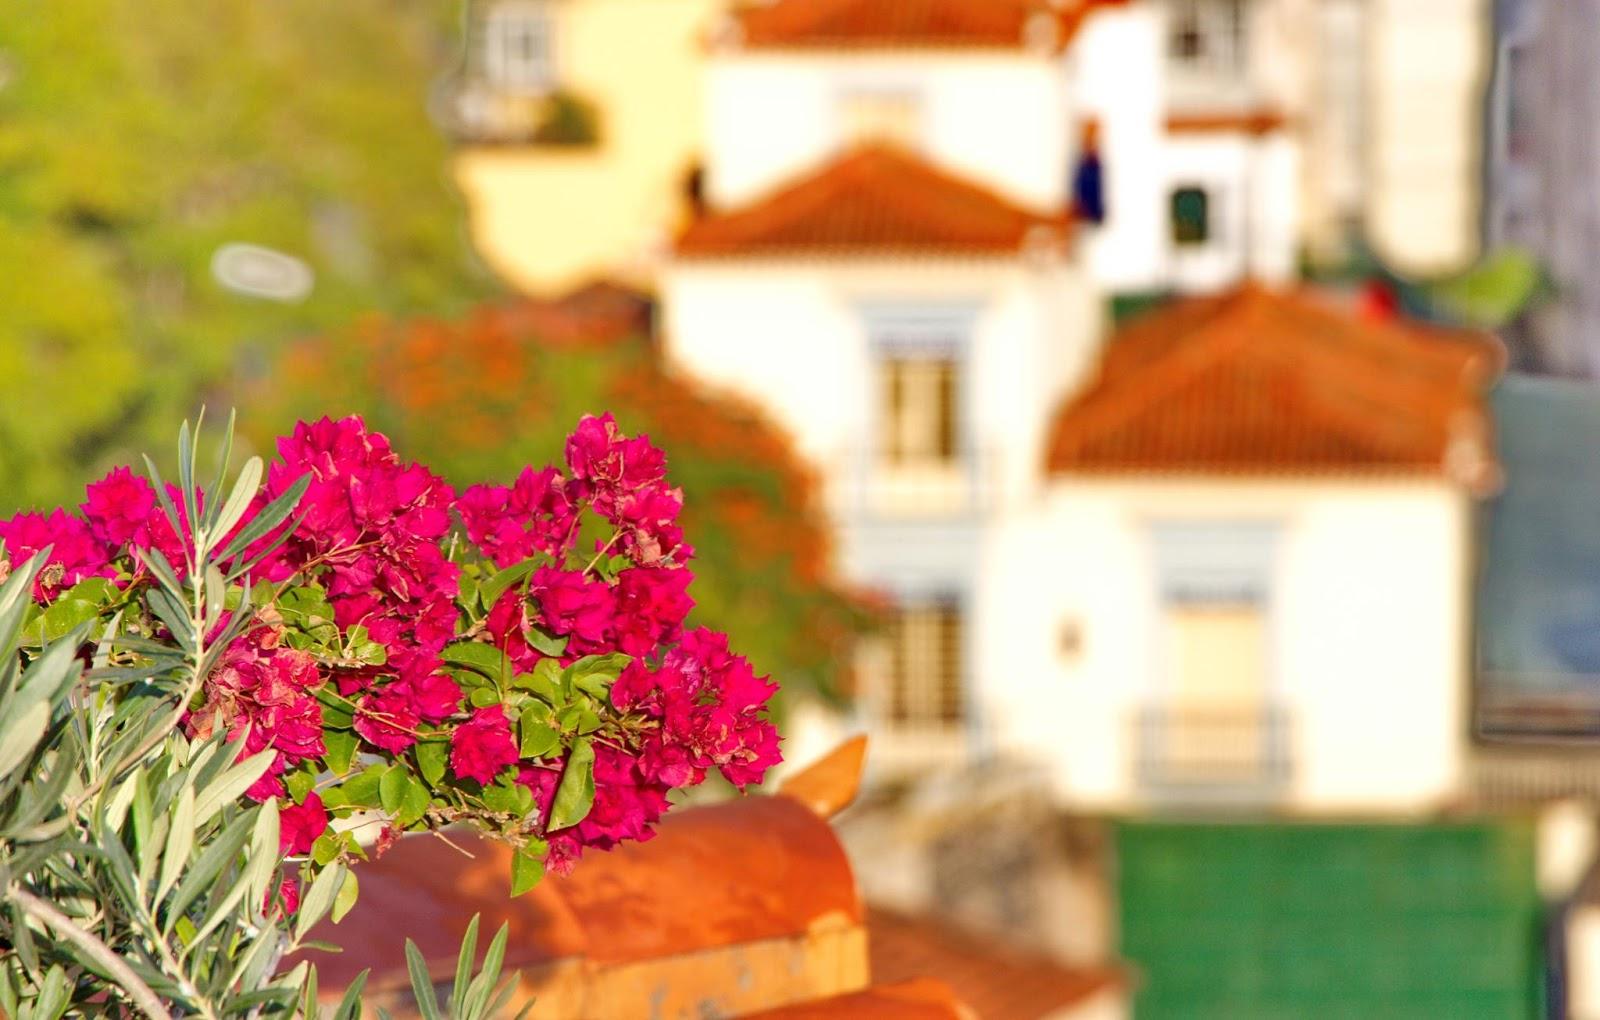 flores no telhado